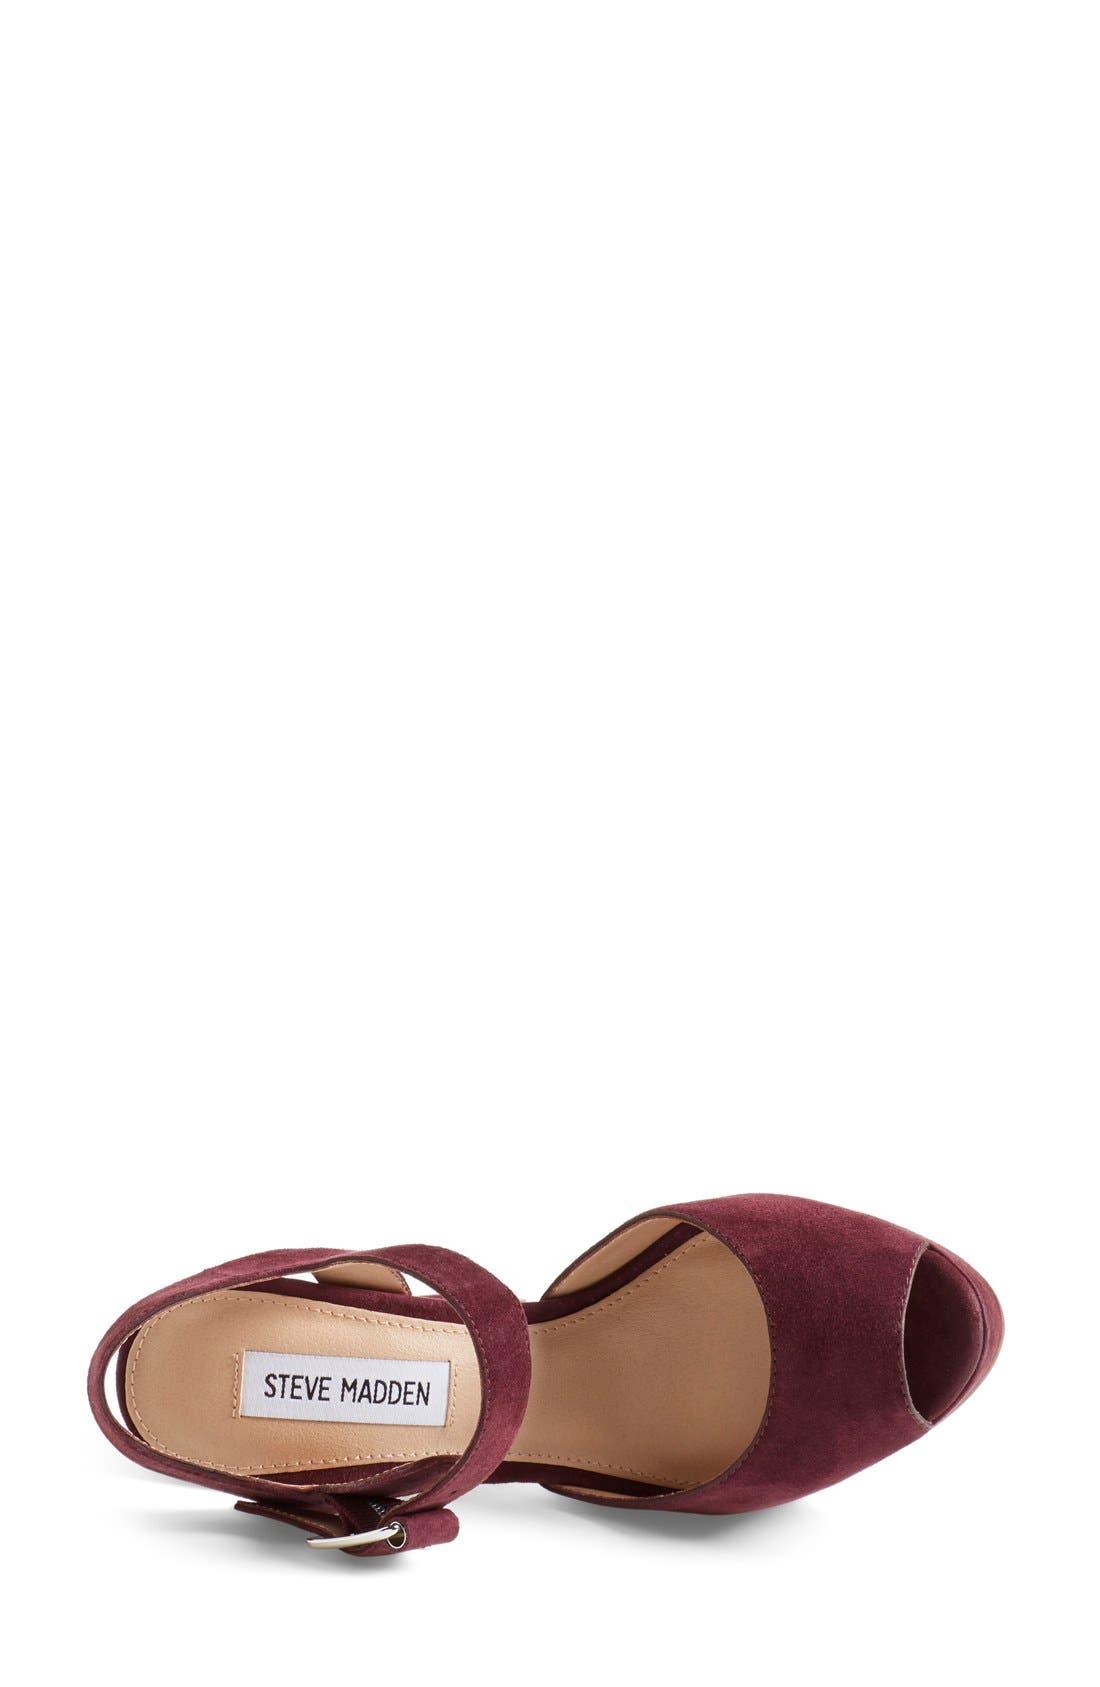 Alternate Image 3  - Steve Madden 'Jillyy' Platform Sandal (Women)